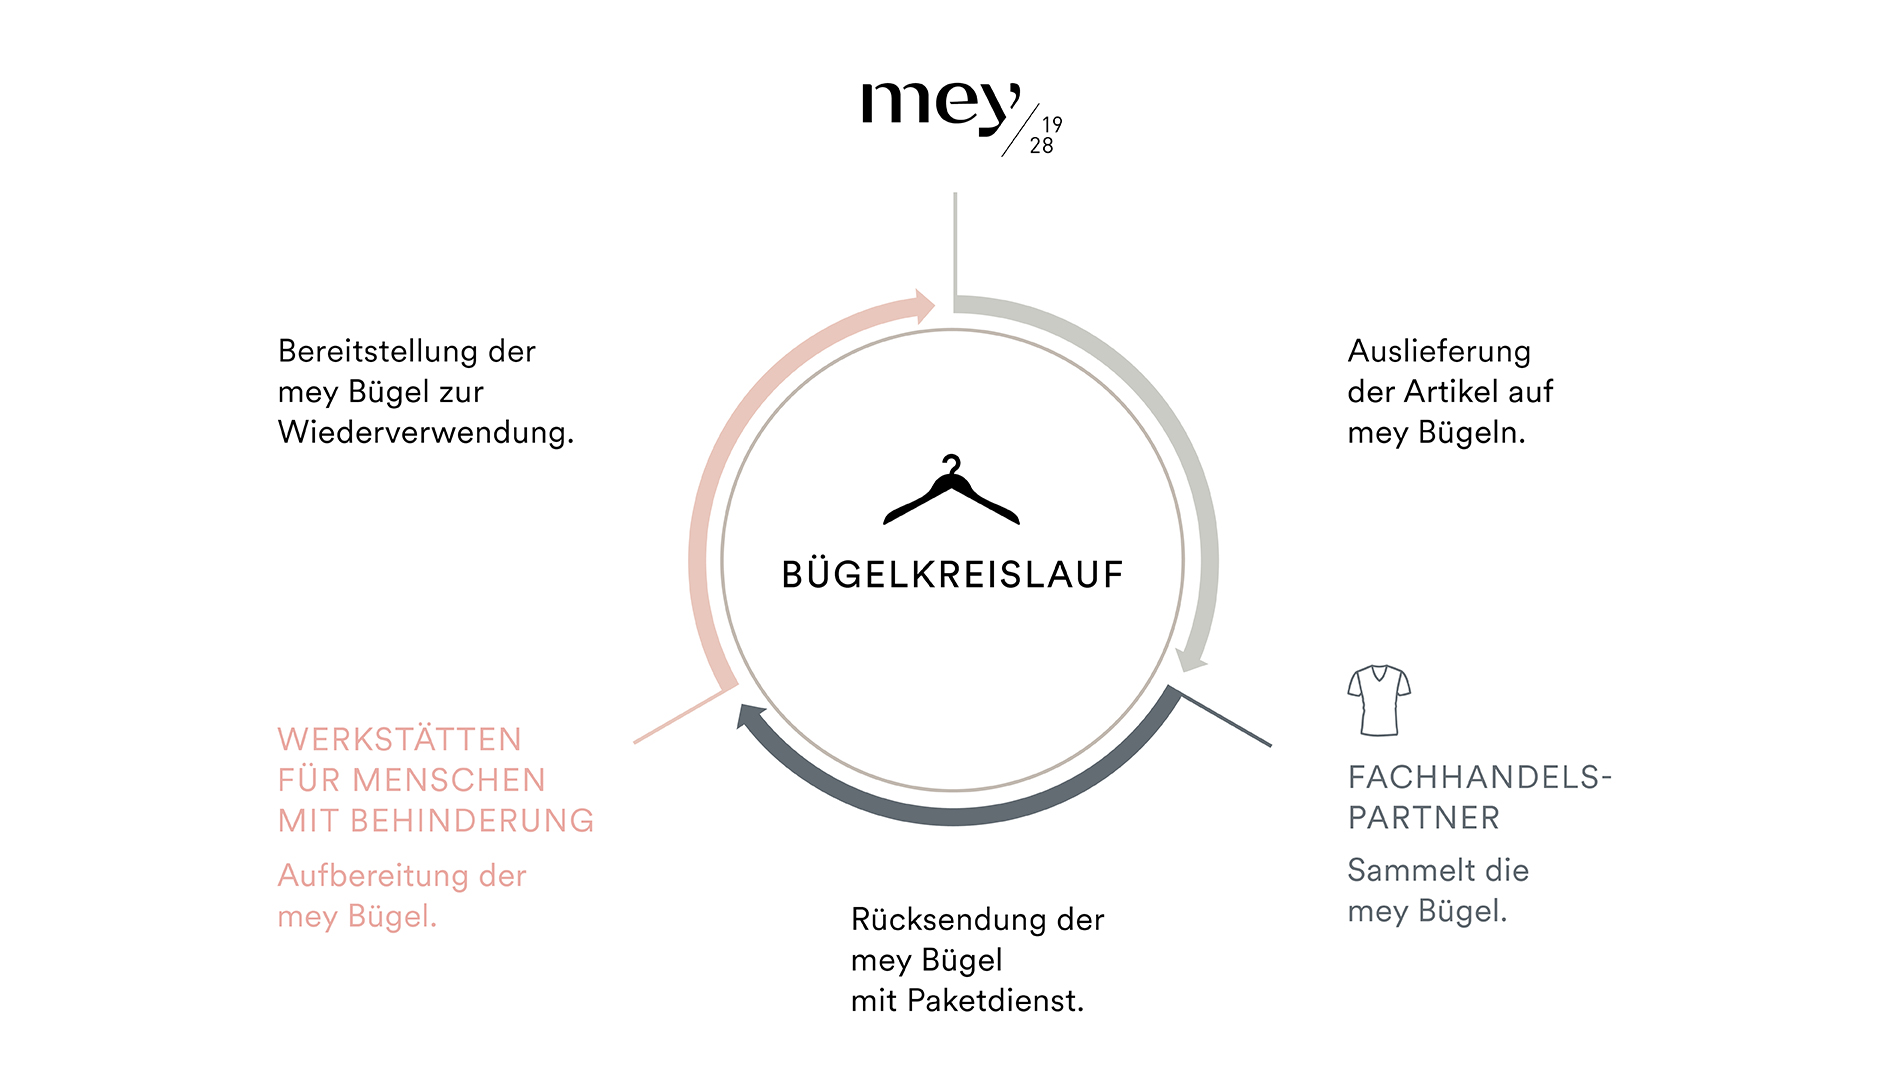 mey® Bügelkreislauf Schwäbischer Bumerang, Grafik zeigt den Ablauf des Prozesses von der Auslieferung an den Fachhandel über die Rücksendung und Aufbereitung und die erneute Verwendung bei mey